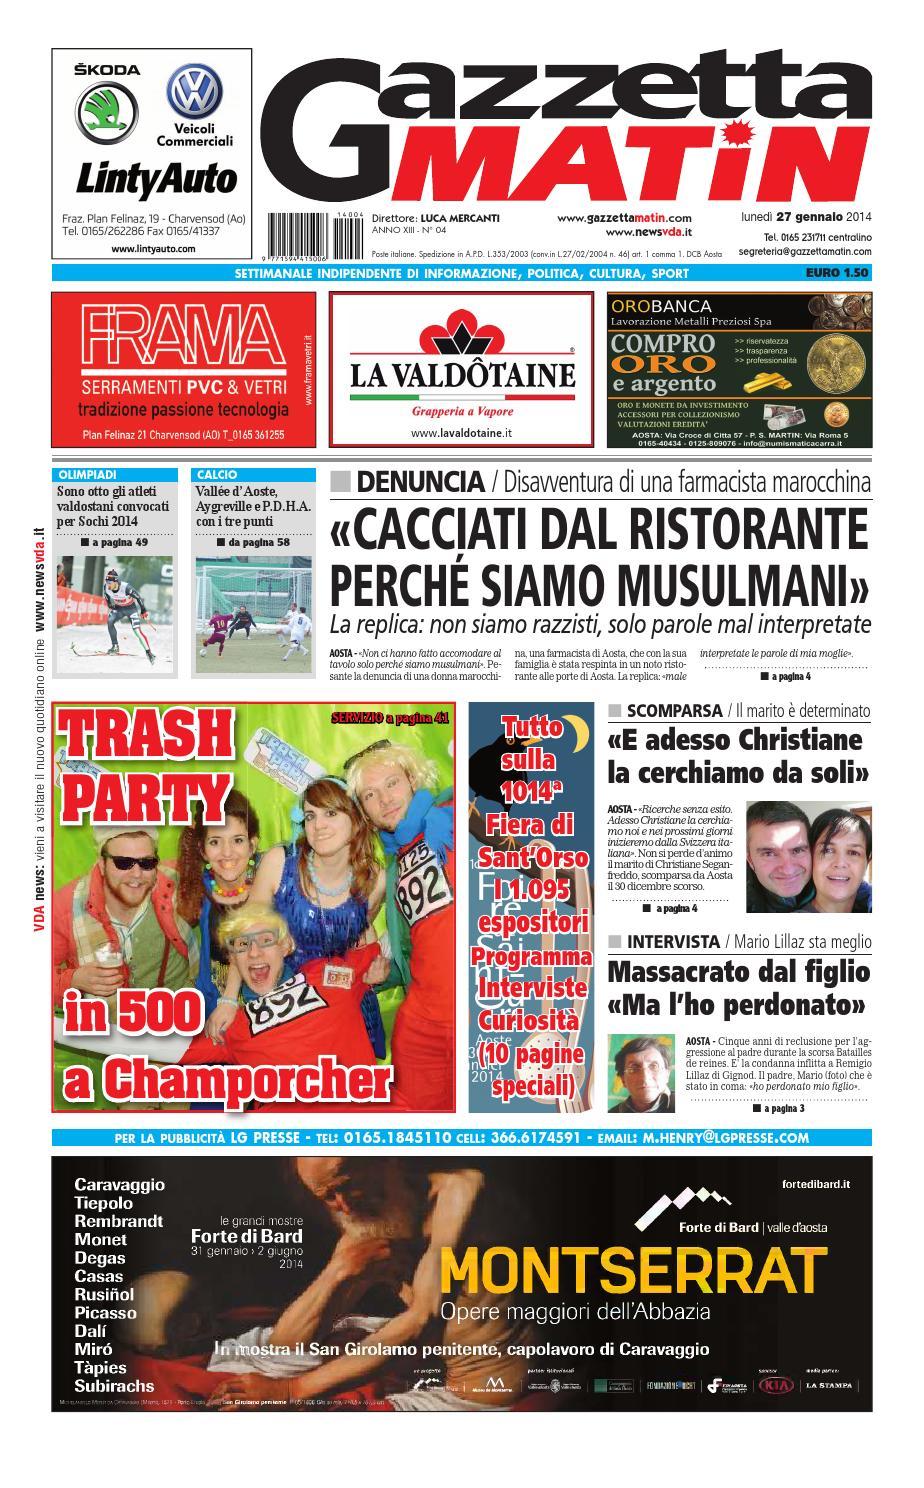 a76d529f53 Gazzetta Matin 27 gennaio 2014 by Luca Mercanti - issuu